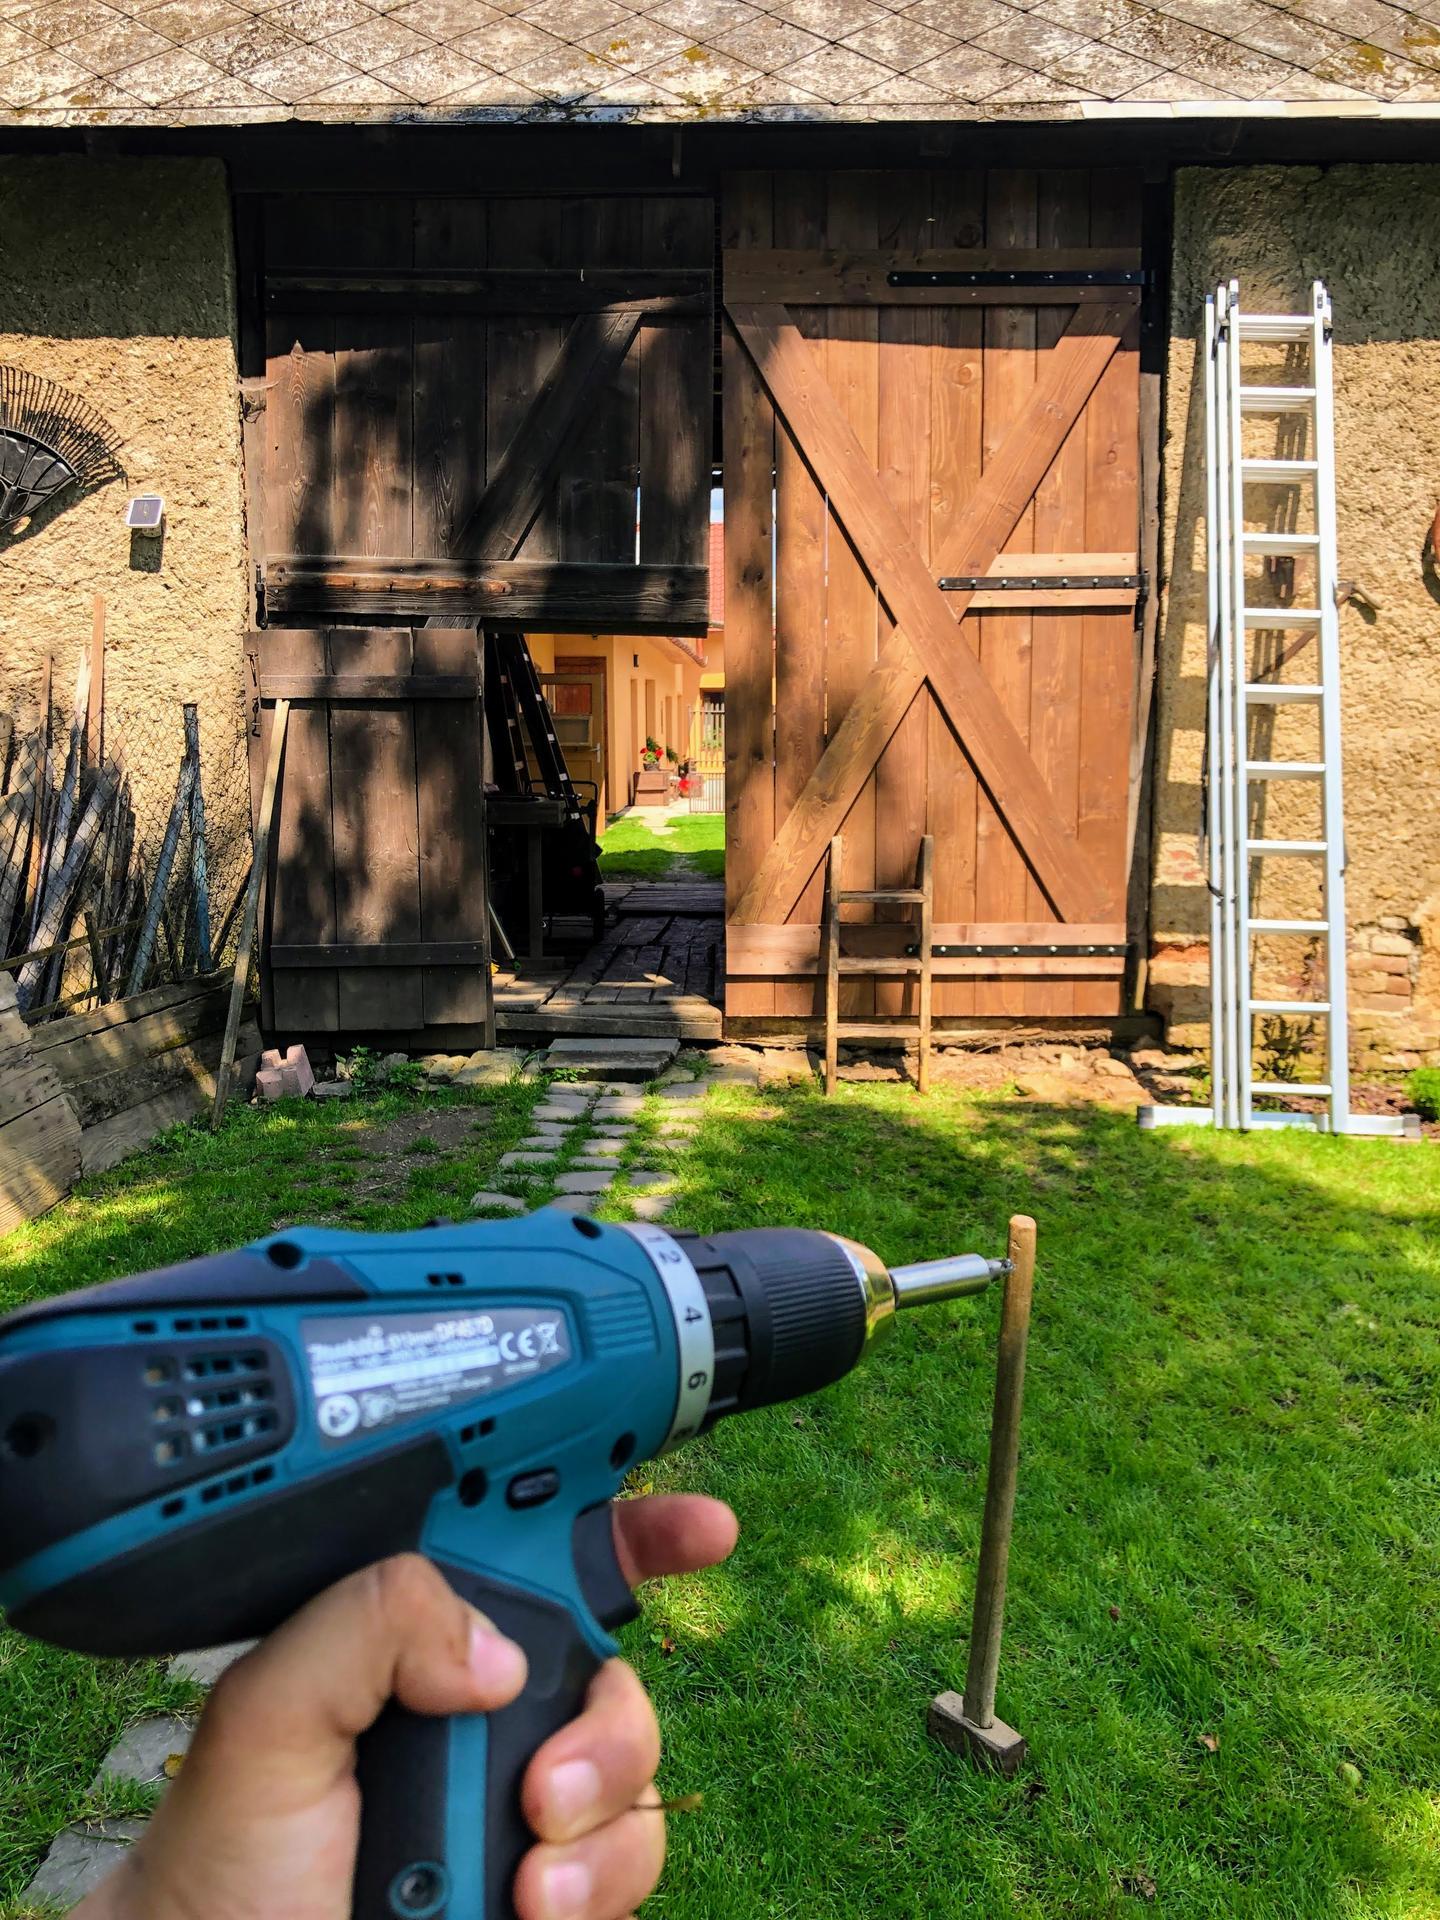 Zahrada a upravy okolo domu - Pol dna roboty ale vysledok je potesujuci